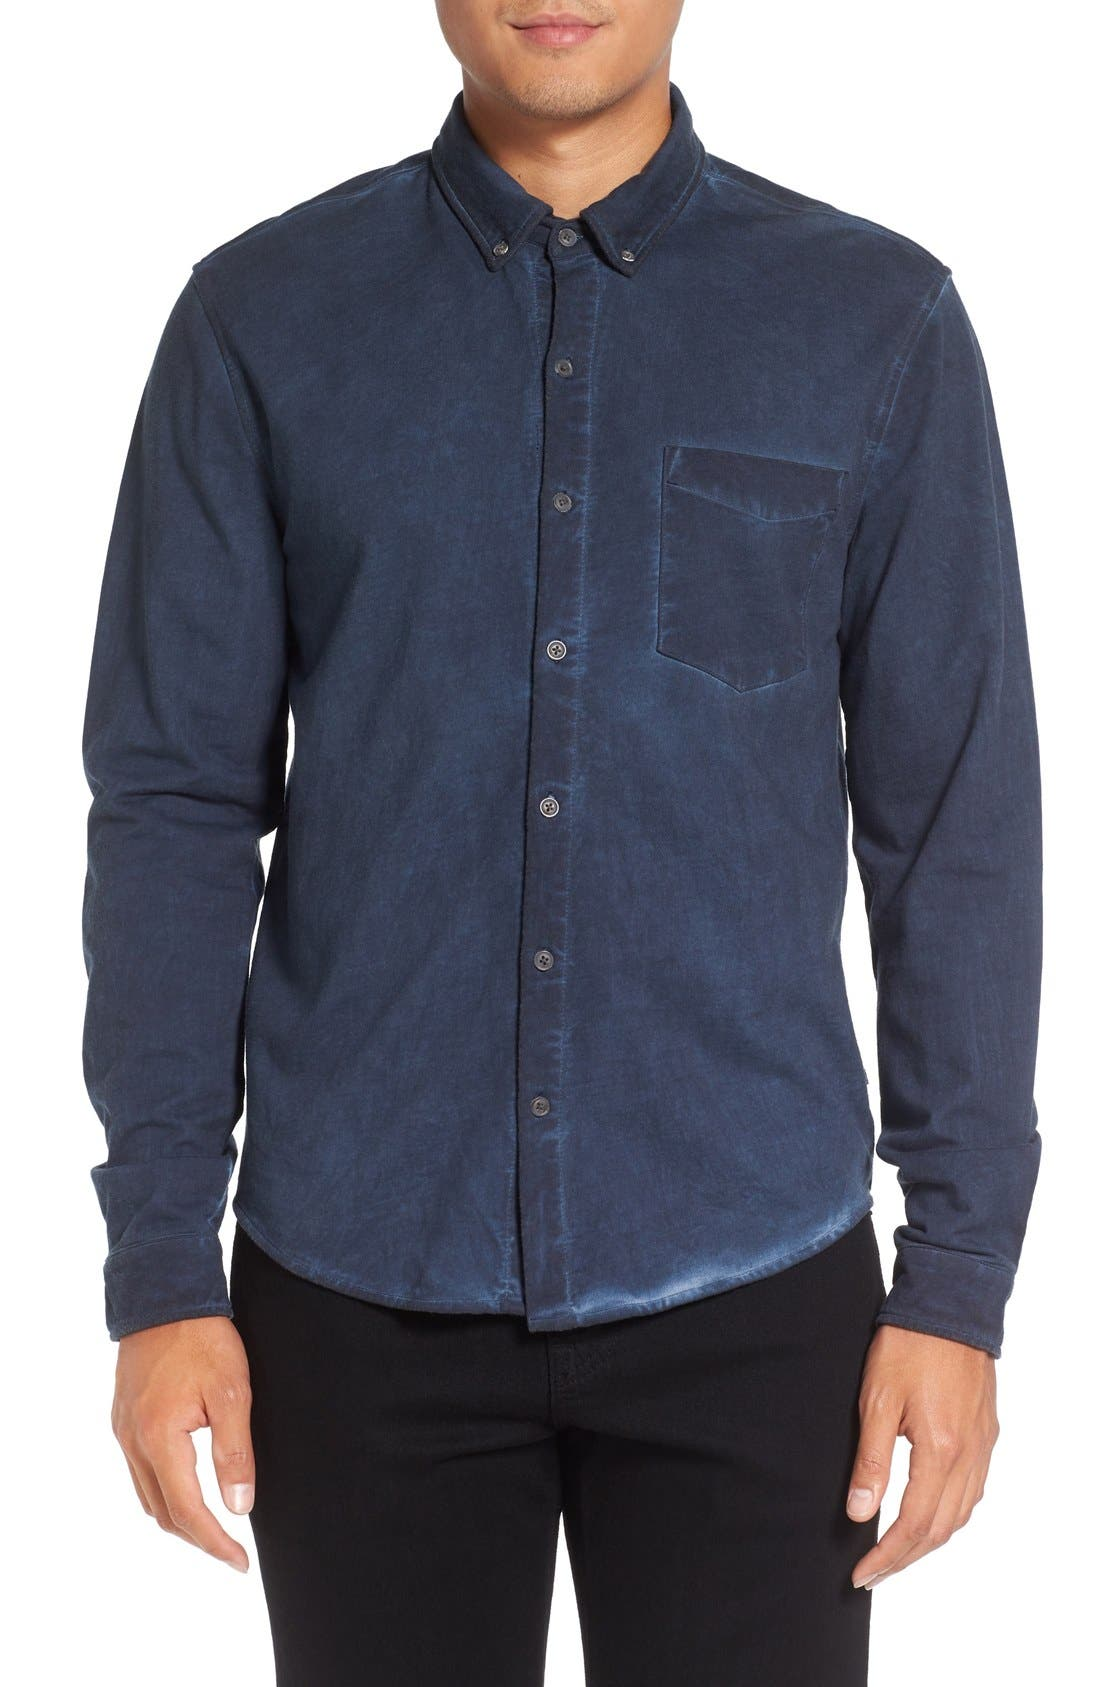 MICHAEL STARS Slim Fit Garment Washed Sport Shirt